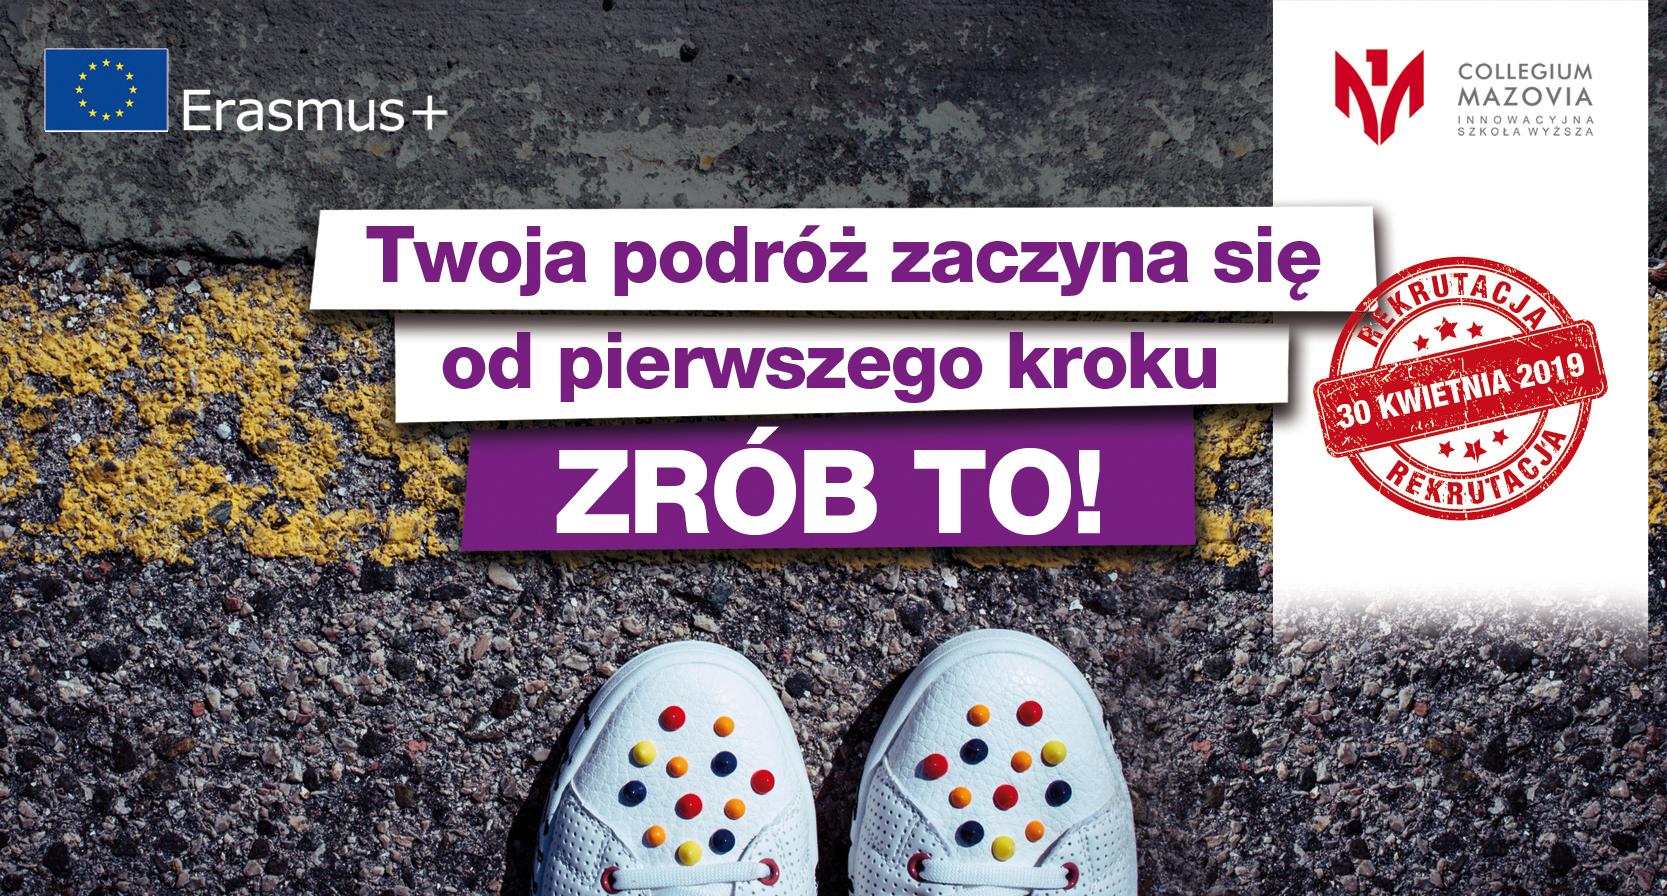 3_ogloszenie_erasmus_short_2_starter